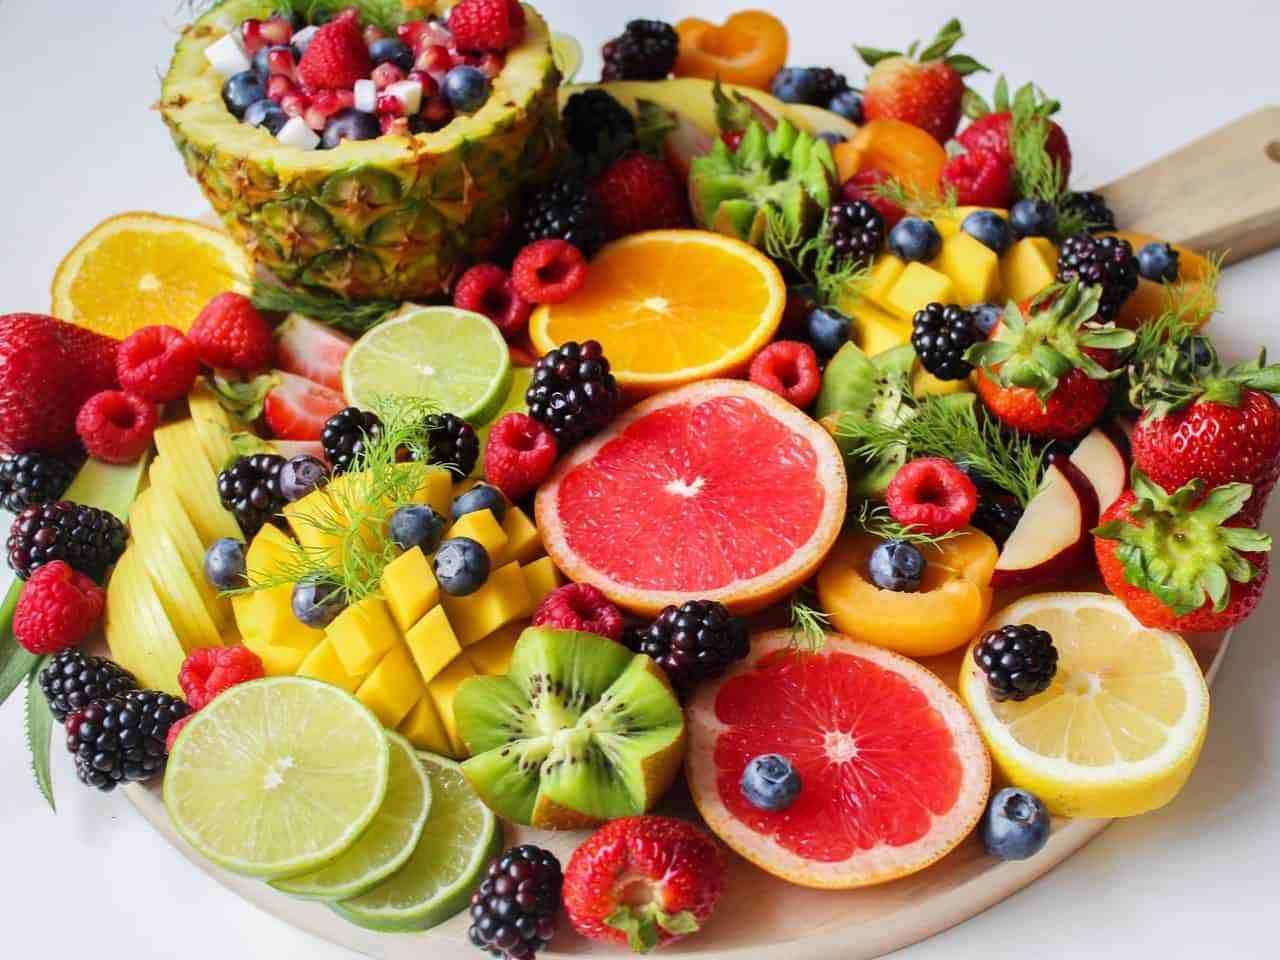 Ăn nhiều trái cây và rau xanh. (Ảnh qua sohu)